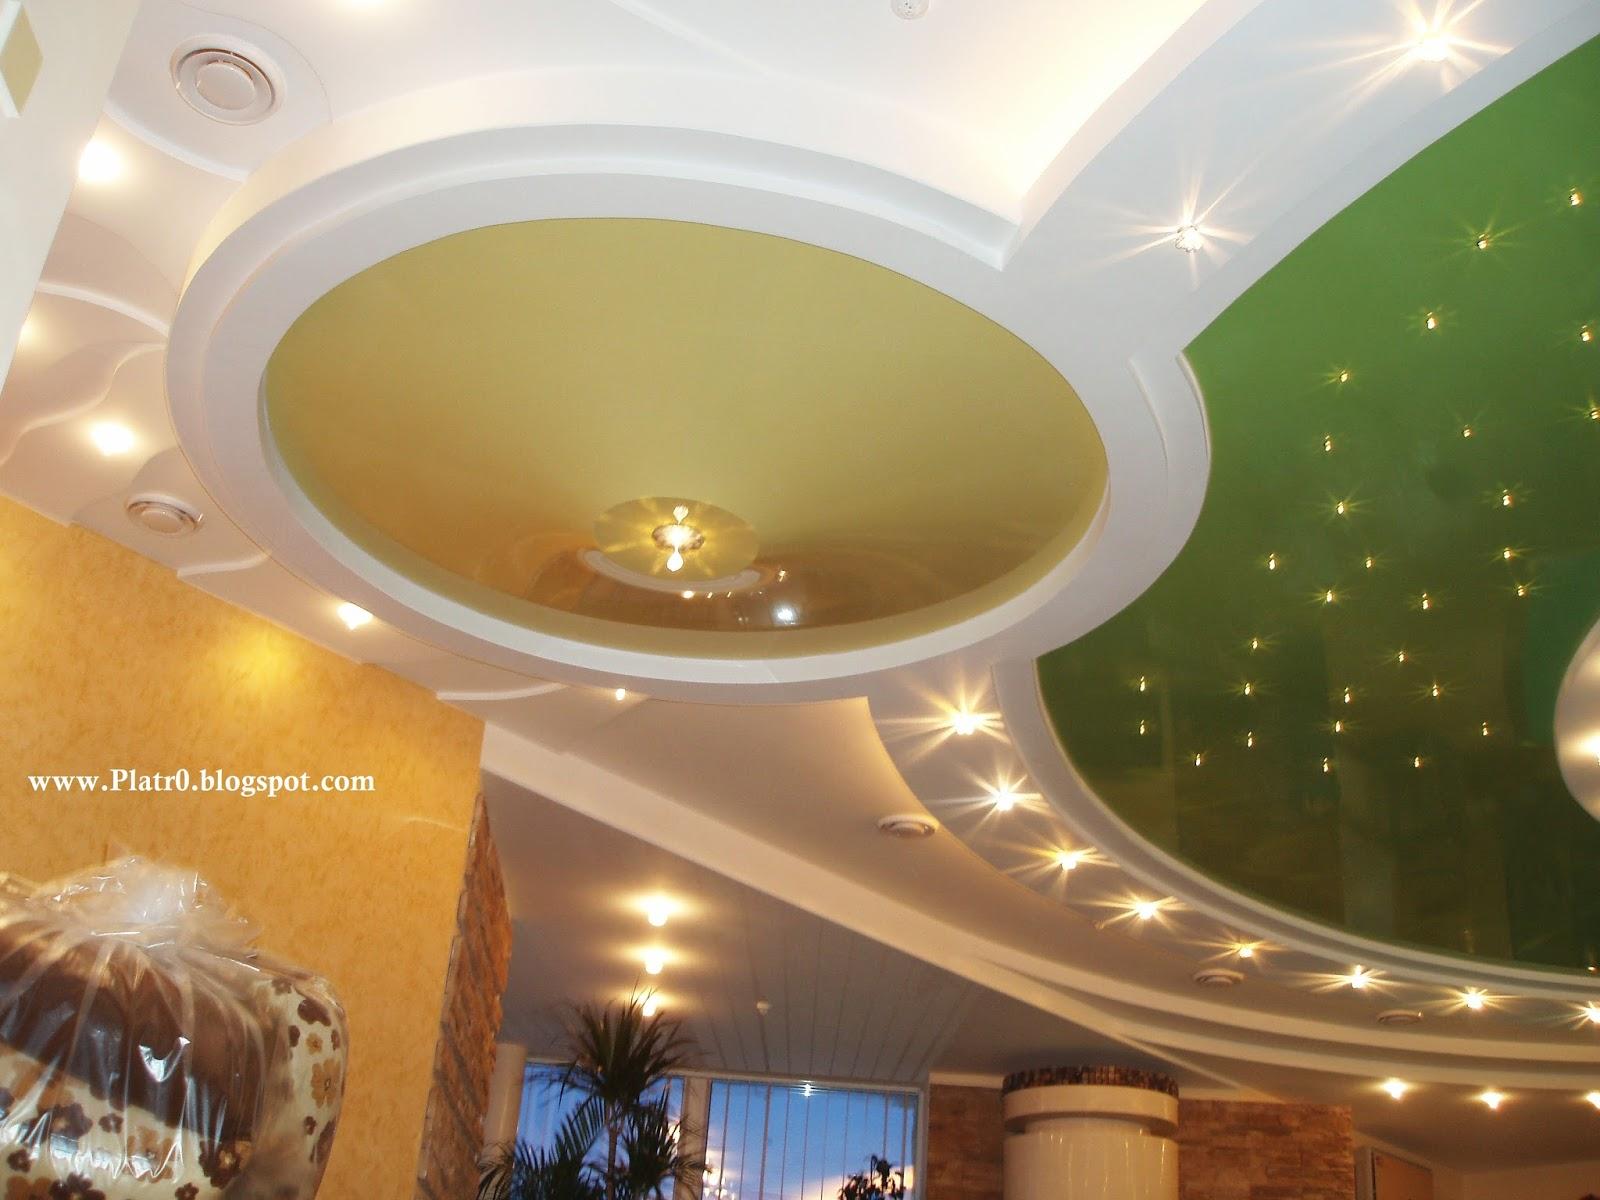 plafond platre norv u00e8ge - d u00e9coration platre maroc